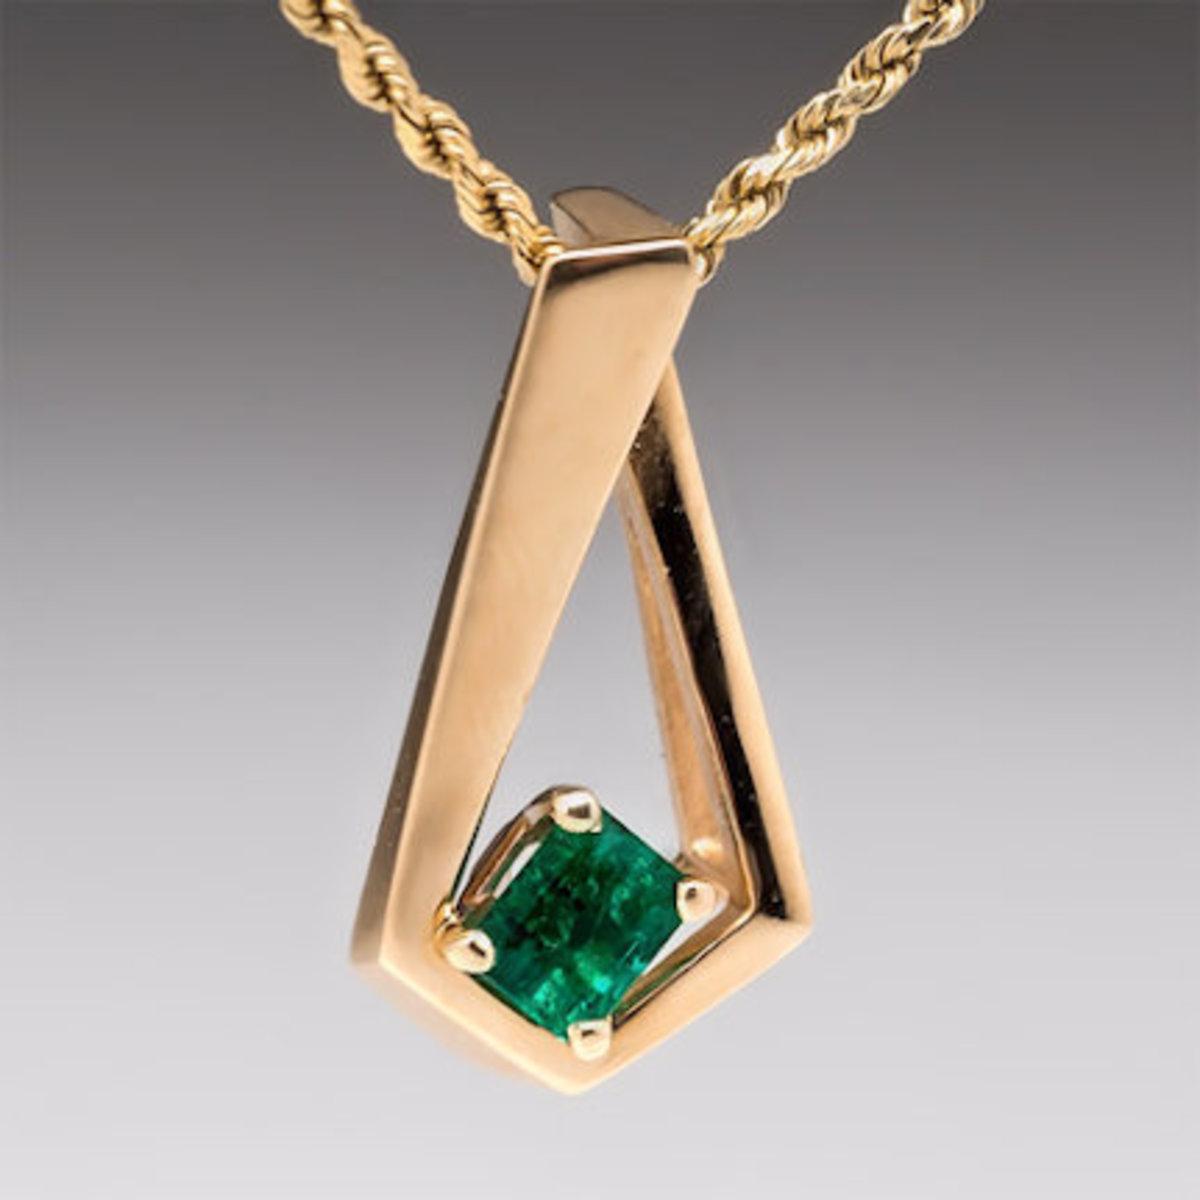 The Emerald of des äußeren Reiches …